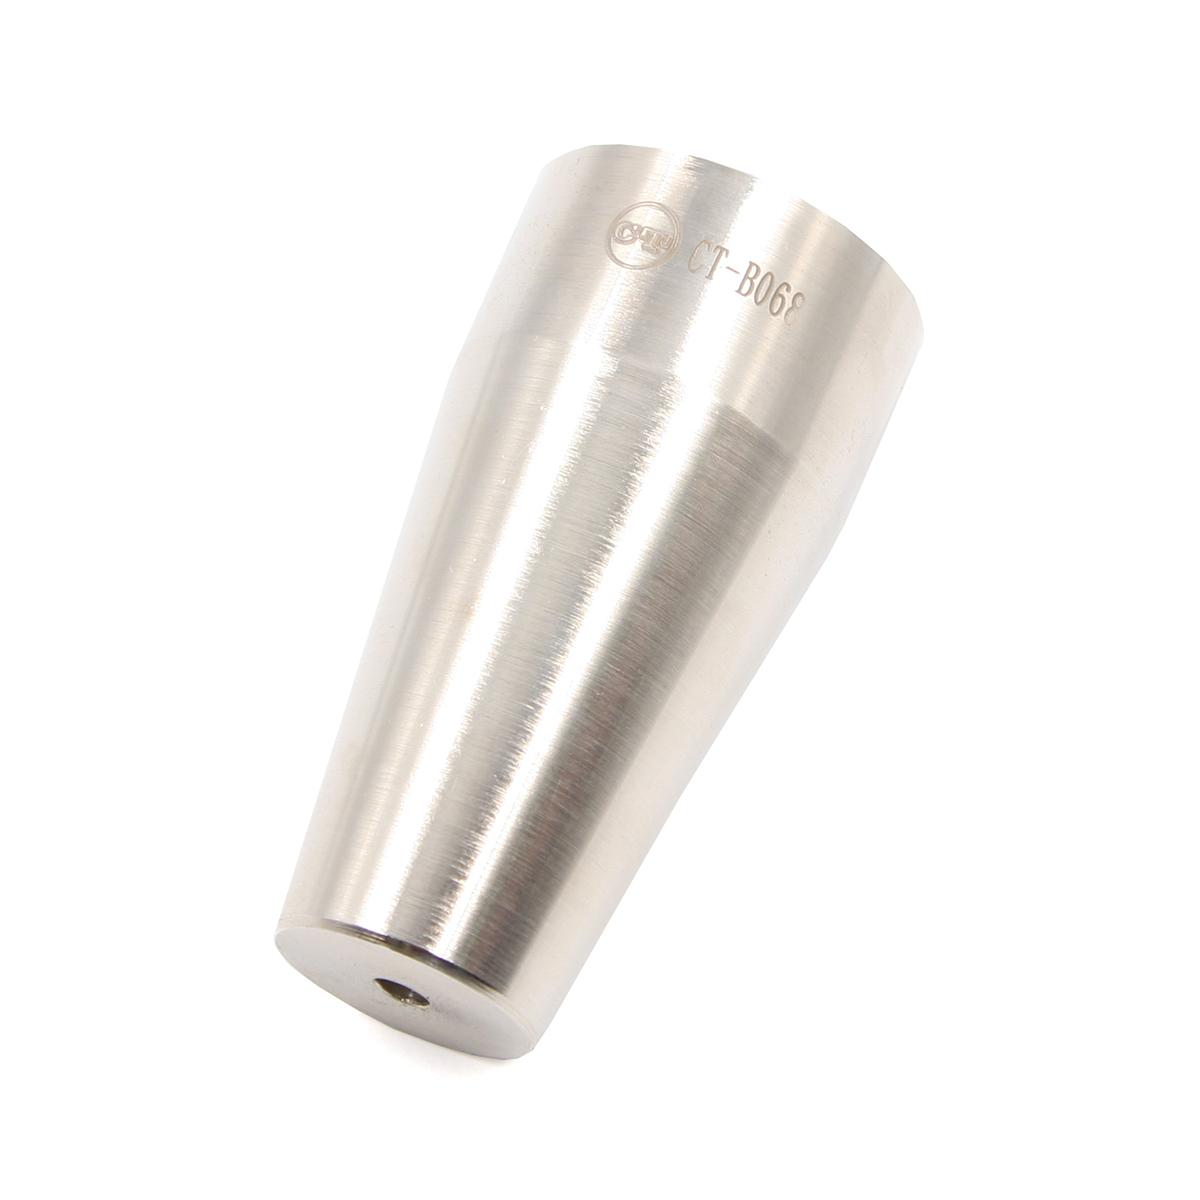 Конус для монтажа пружинного кольца пыльника Mazda Car-Tool CT-B068